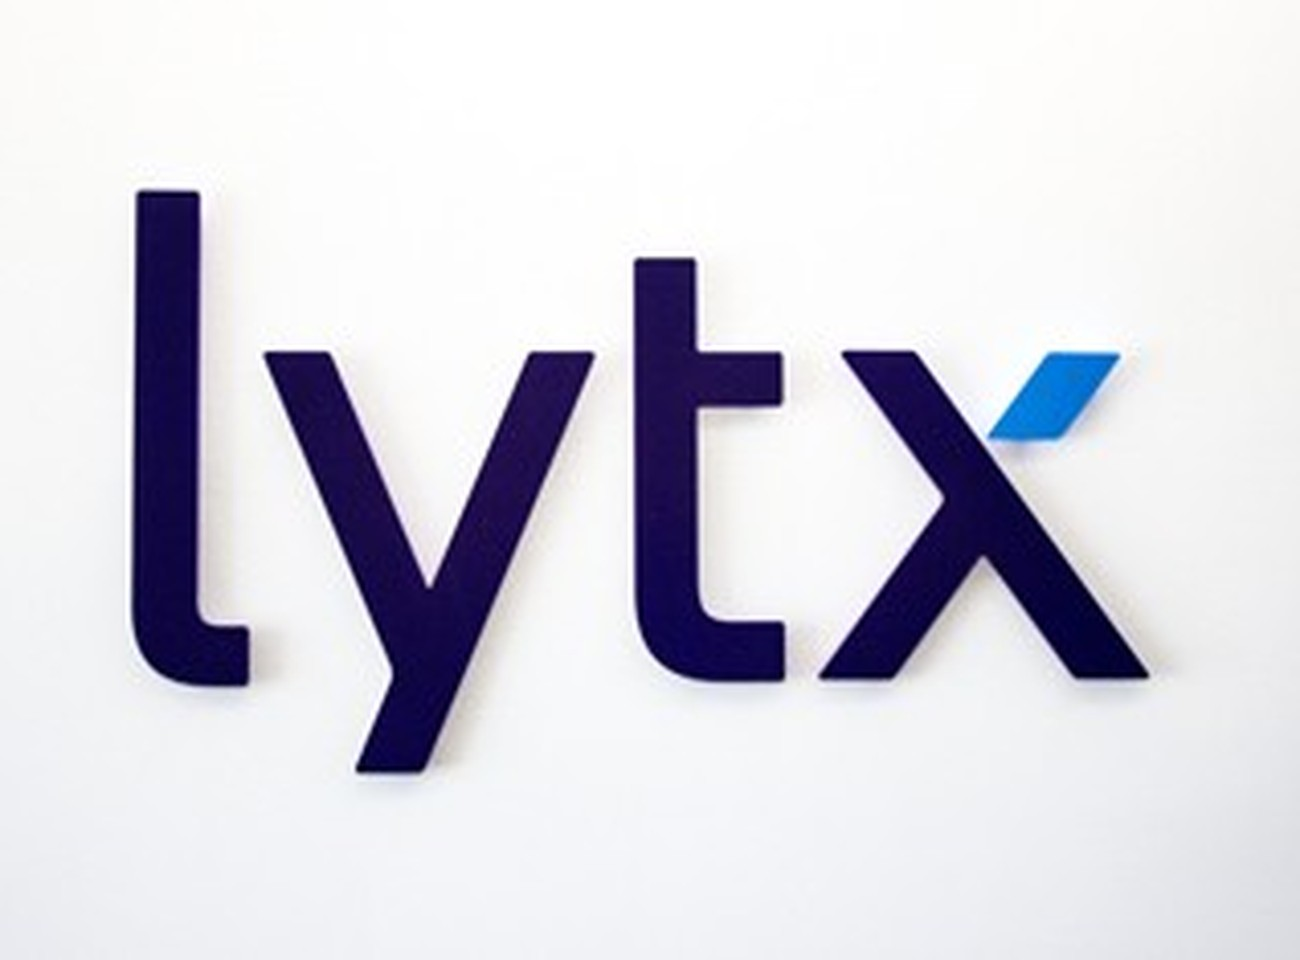 Lytx Careers